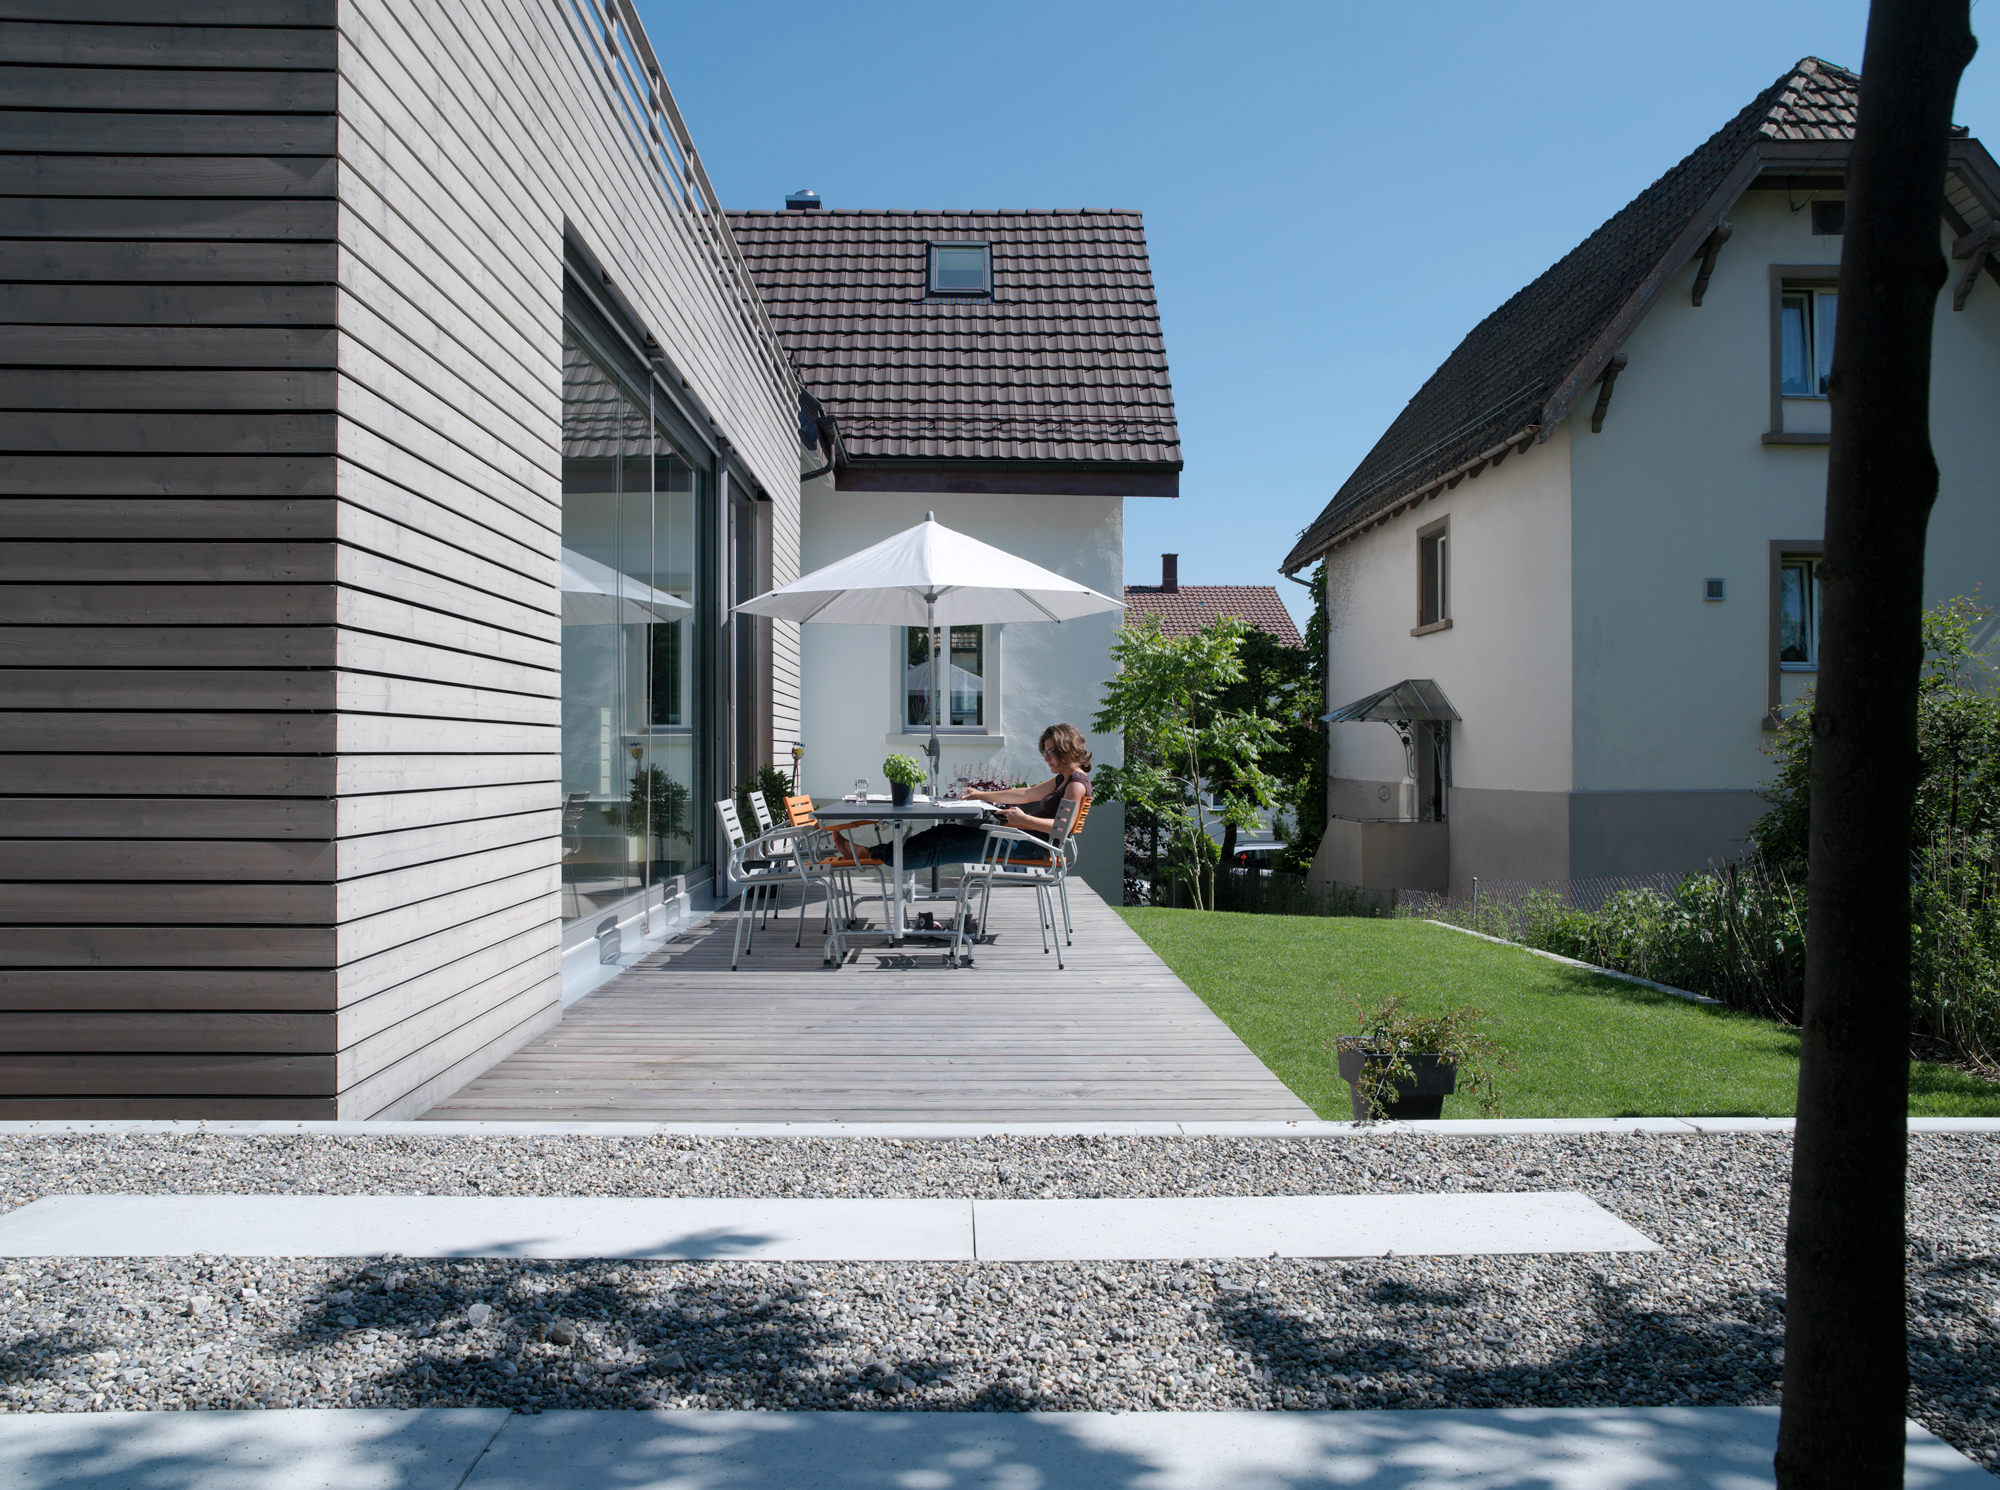 Ampliare casa le distanze per aumentare lo spazio abitabile for Come costruire un cottage a casa